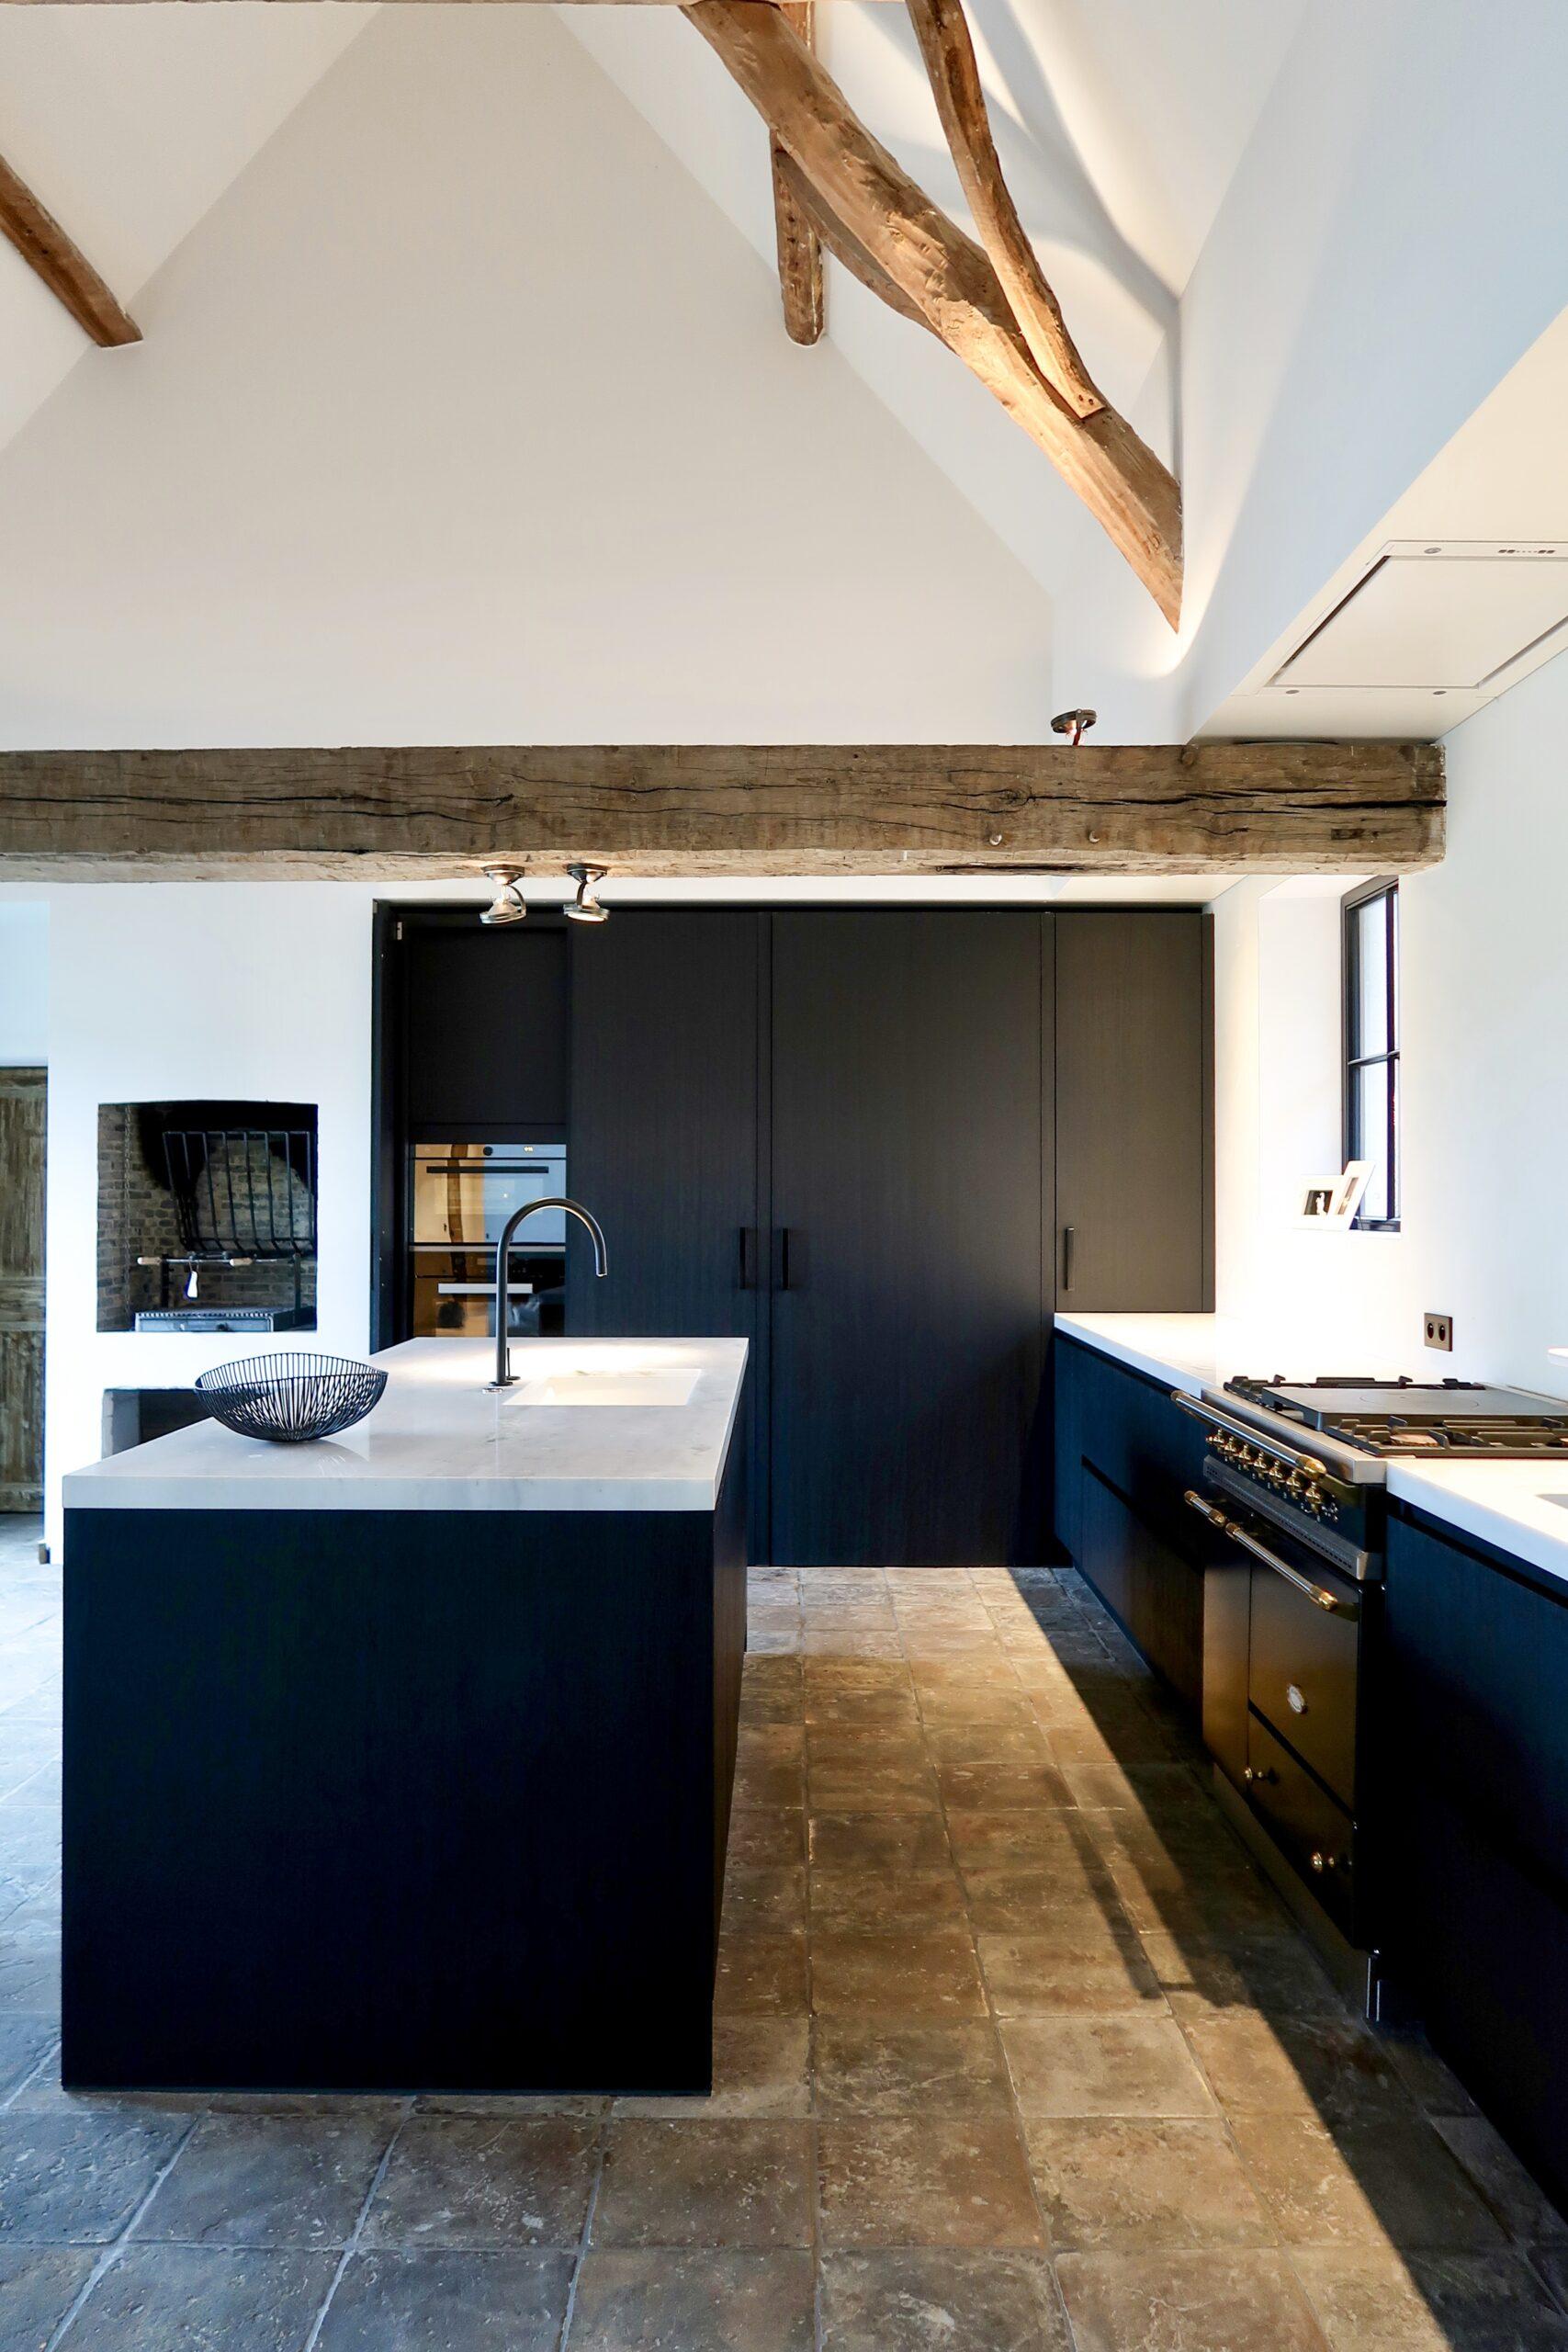 Welkom Decota Interieur Keukens Badkamers Totaalinrichting